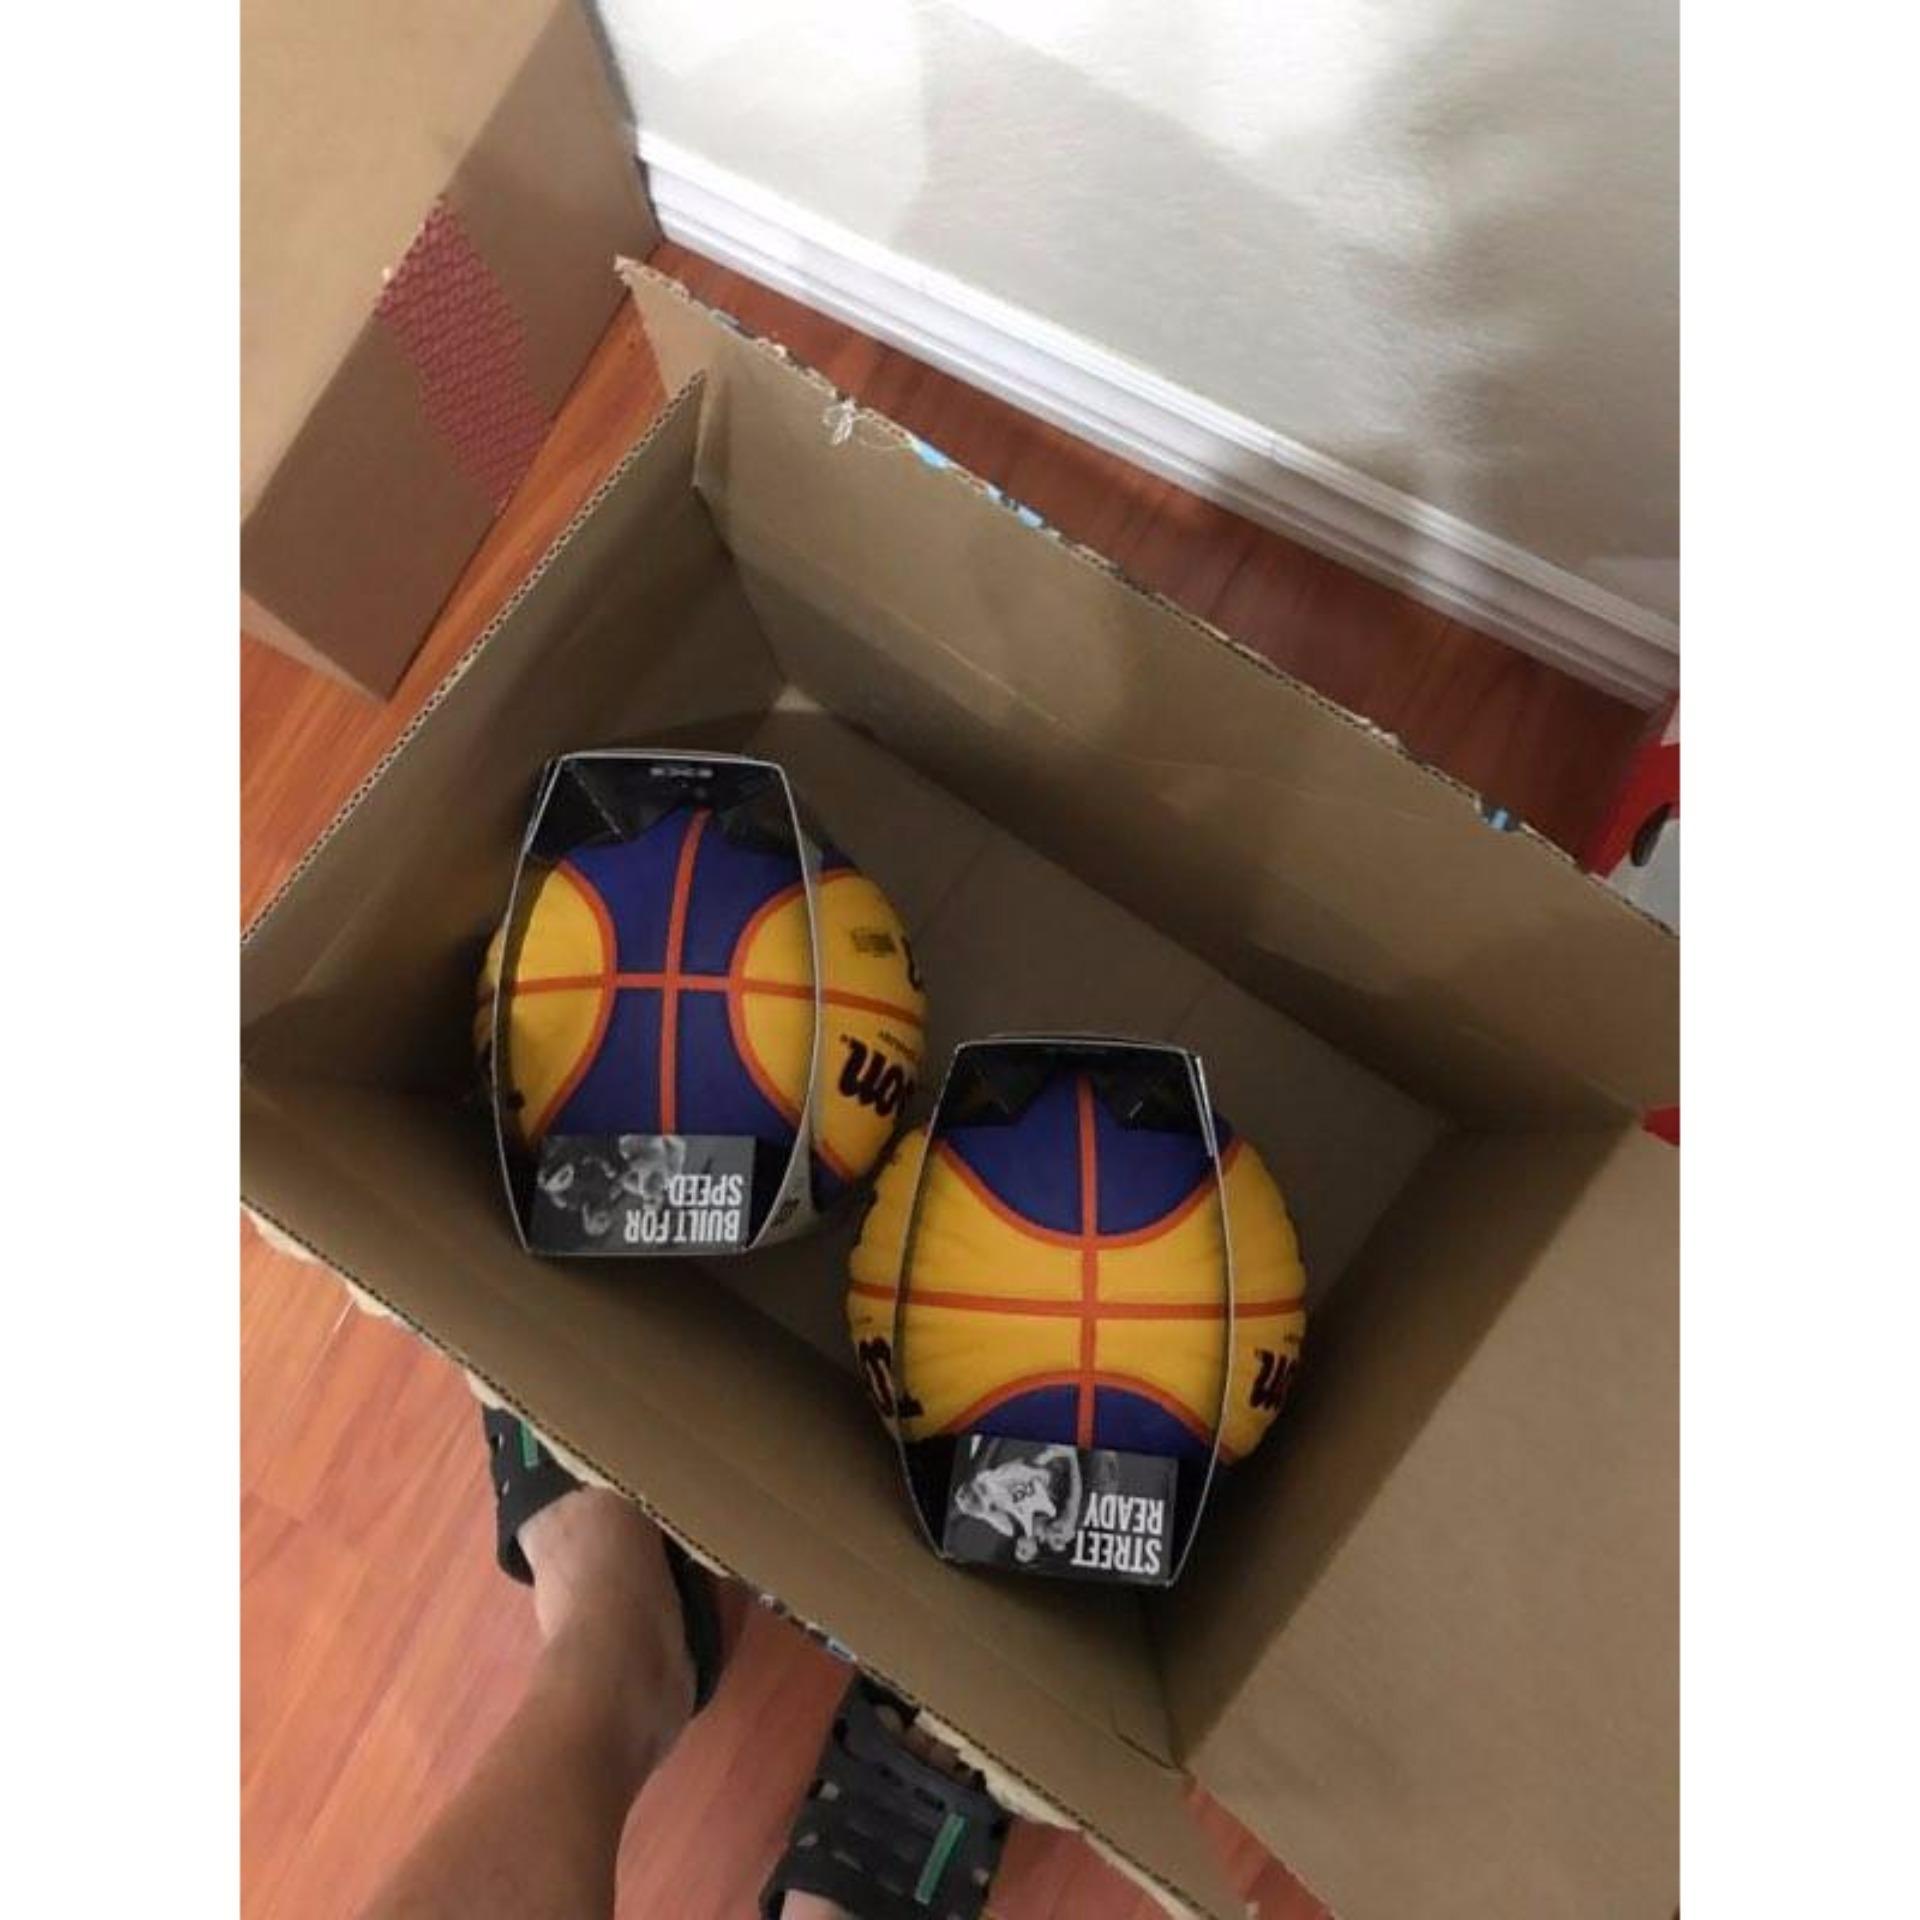 Bóng rổ Wilson 3×3 Offical size 6